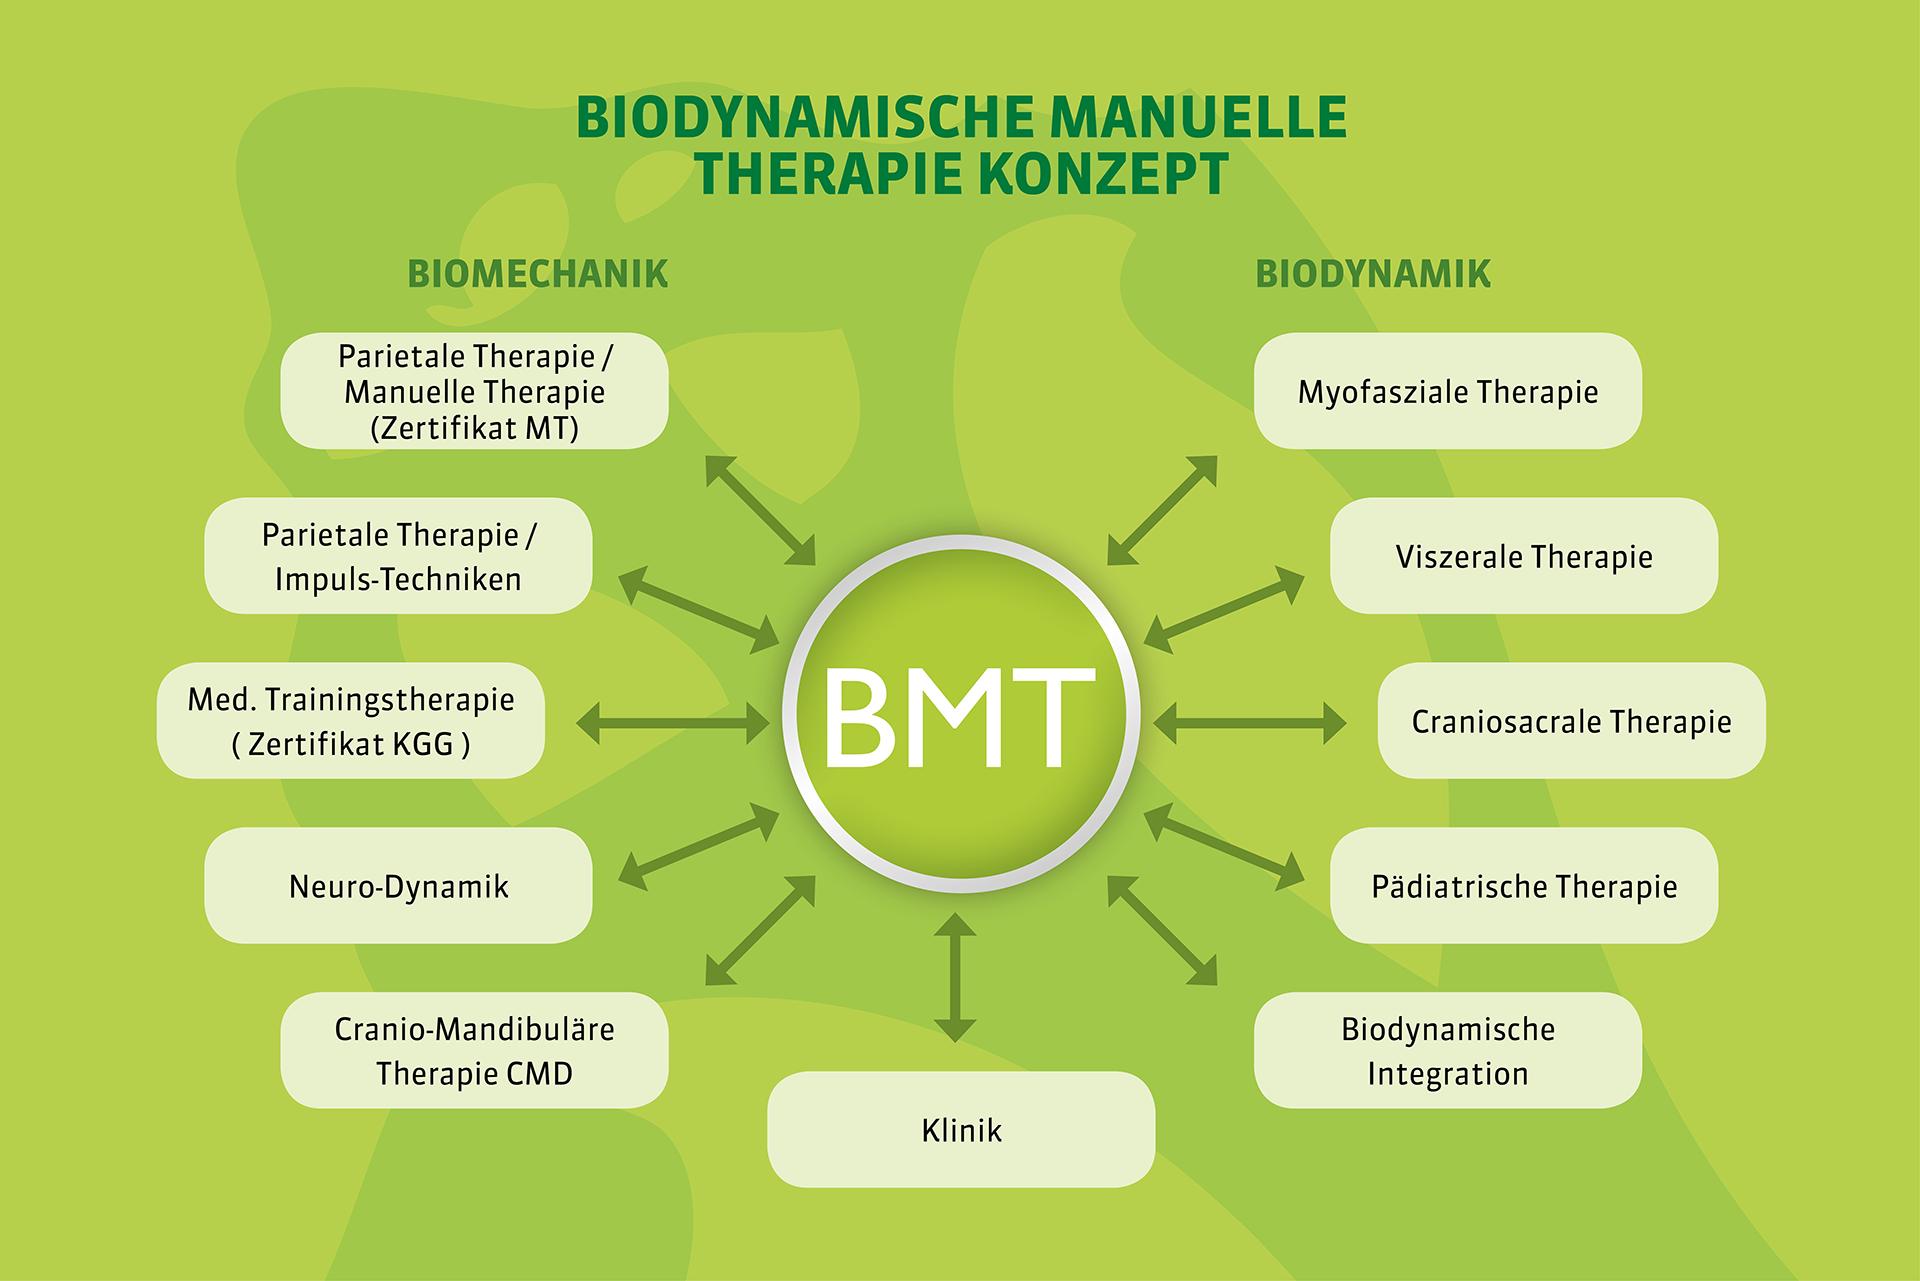 Biodynamische Manuelle Therapie Konzept